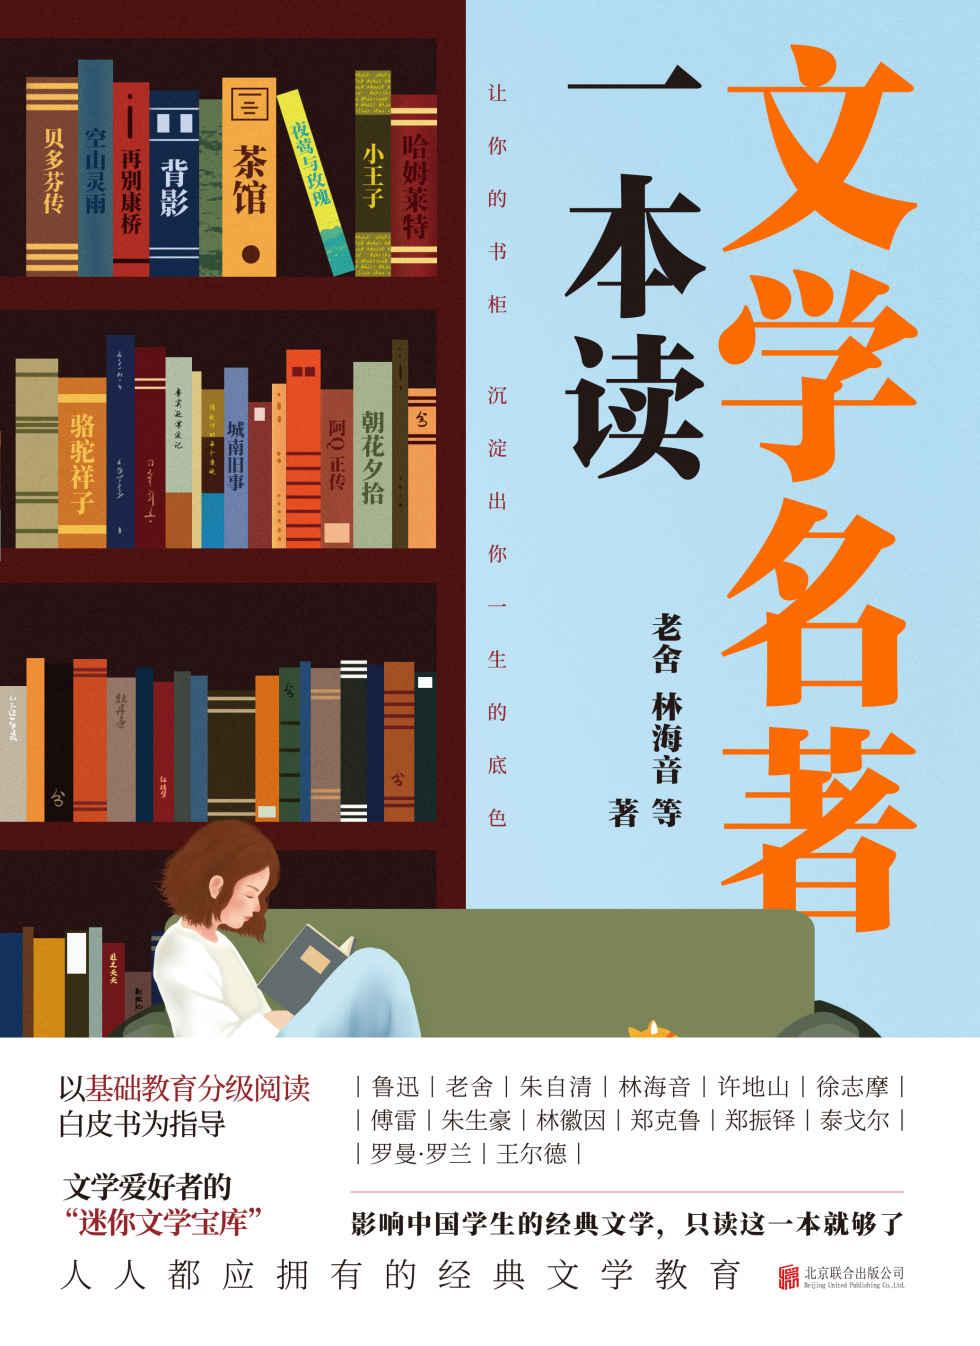 文学名著一本读—老舍 & 林海音 & 傅雷等—pdf+mobi+epub+txt+azw3电子书下载